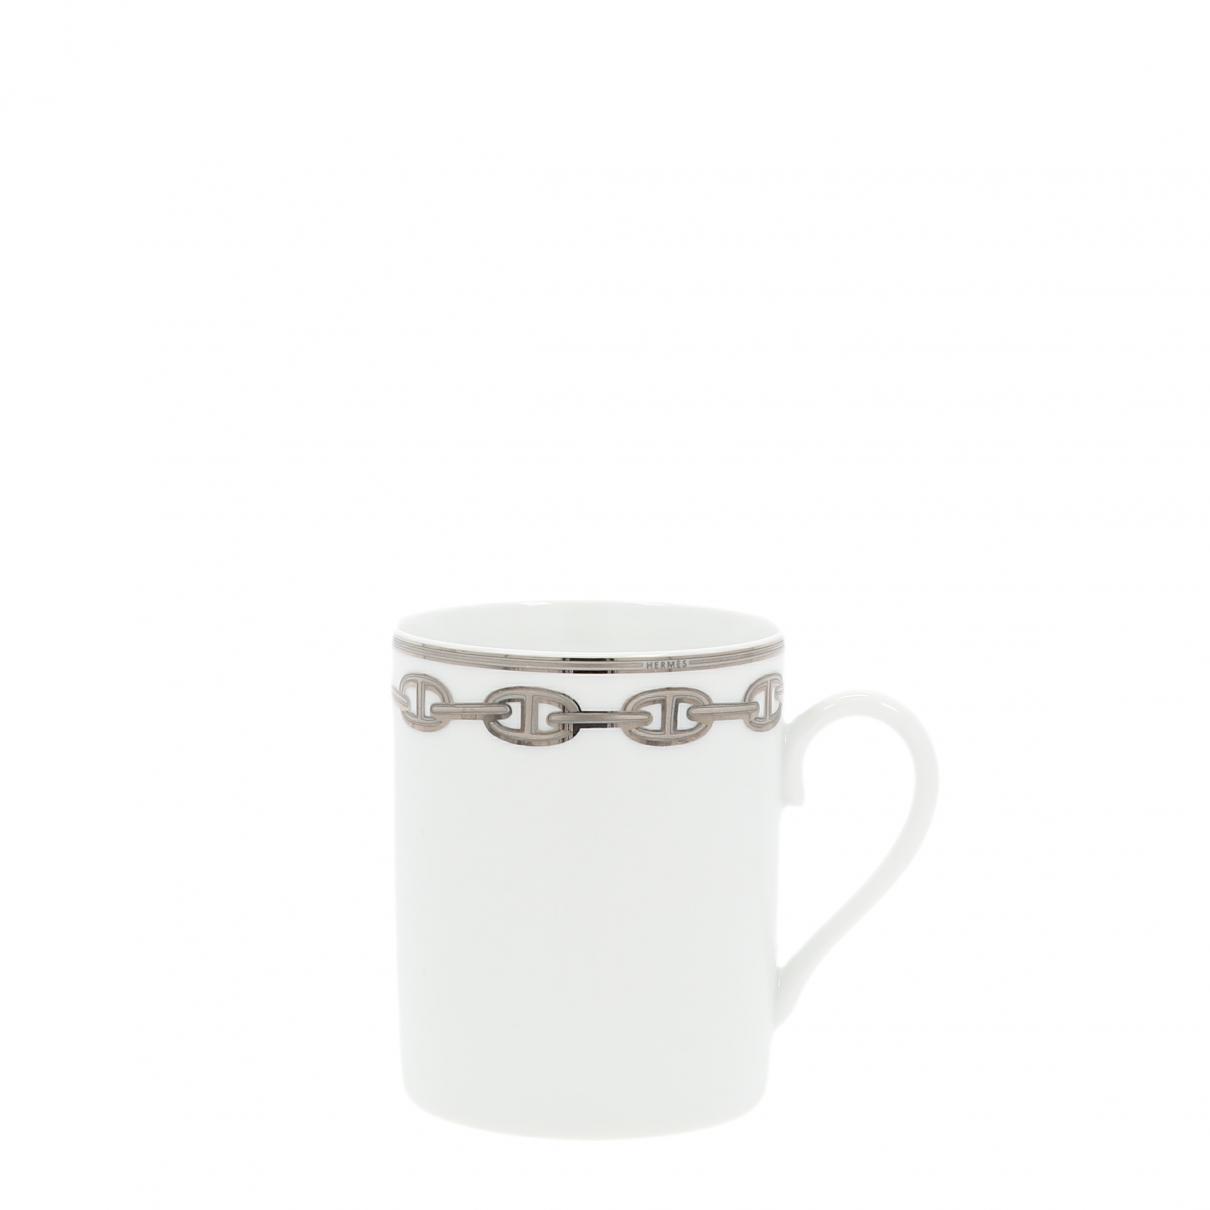 Hermes - Objets & Deco Chaine dancre pour lifestyle en autre - blanc